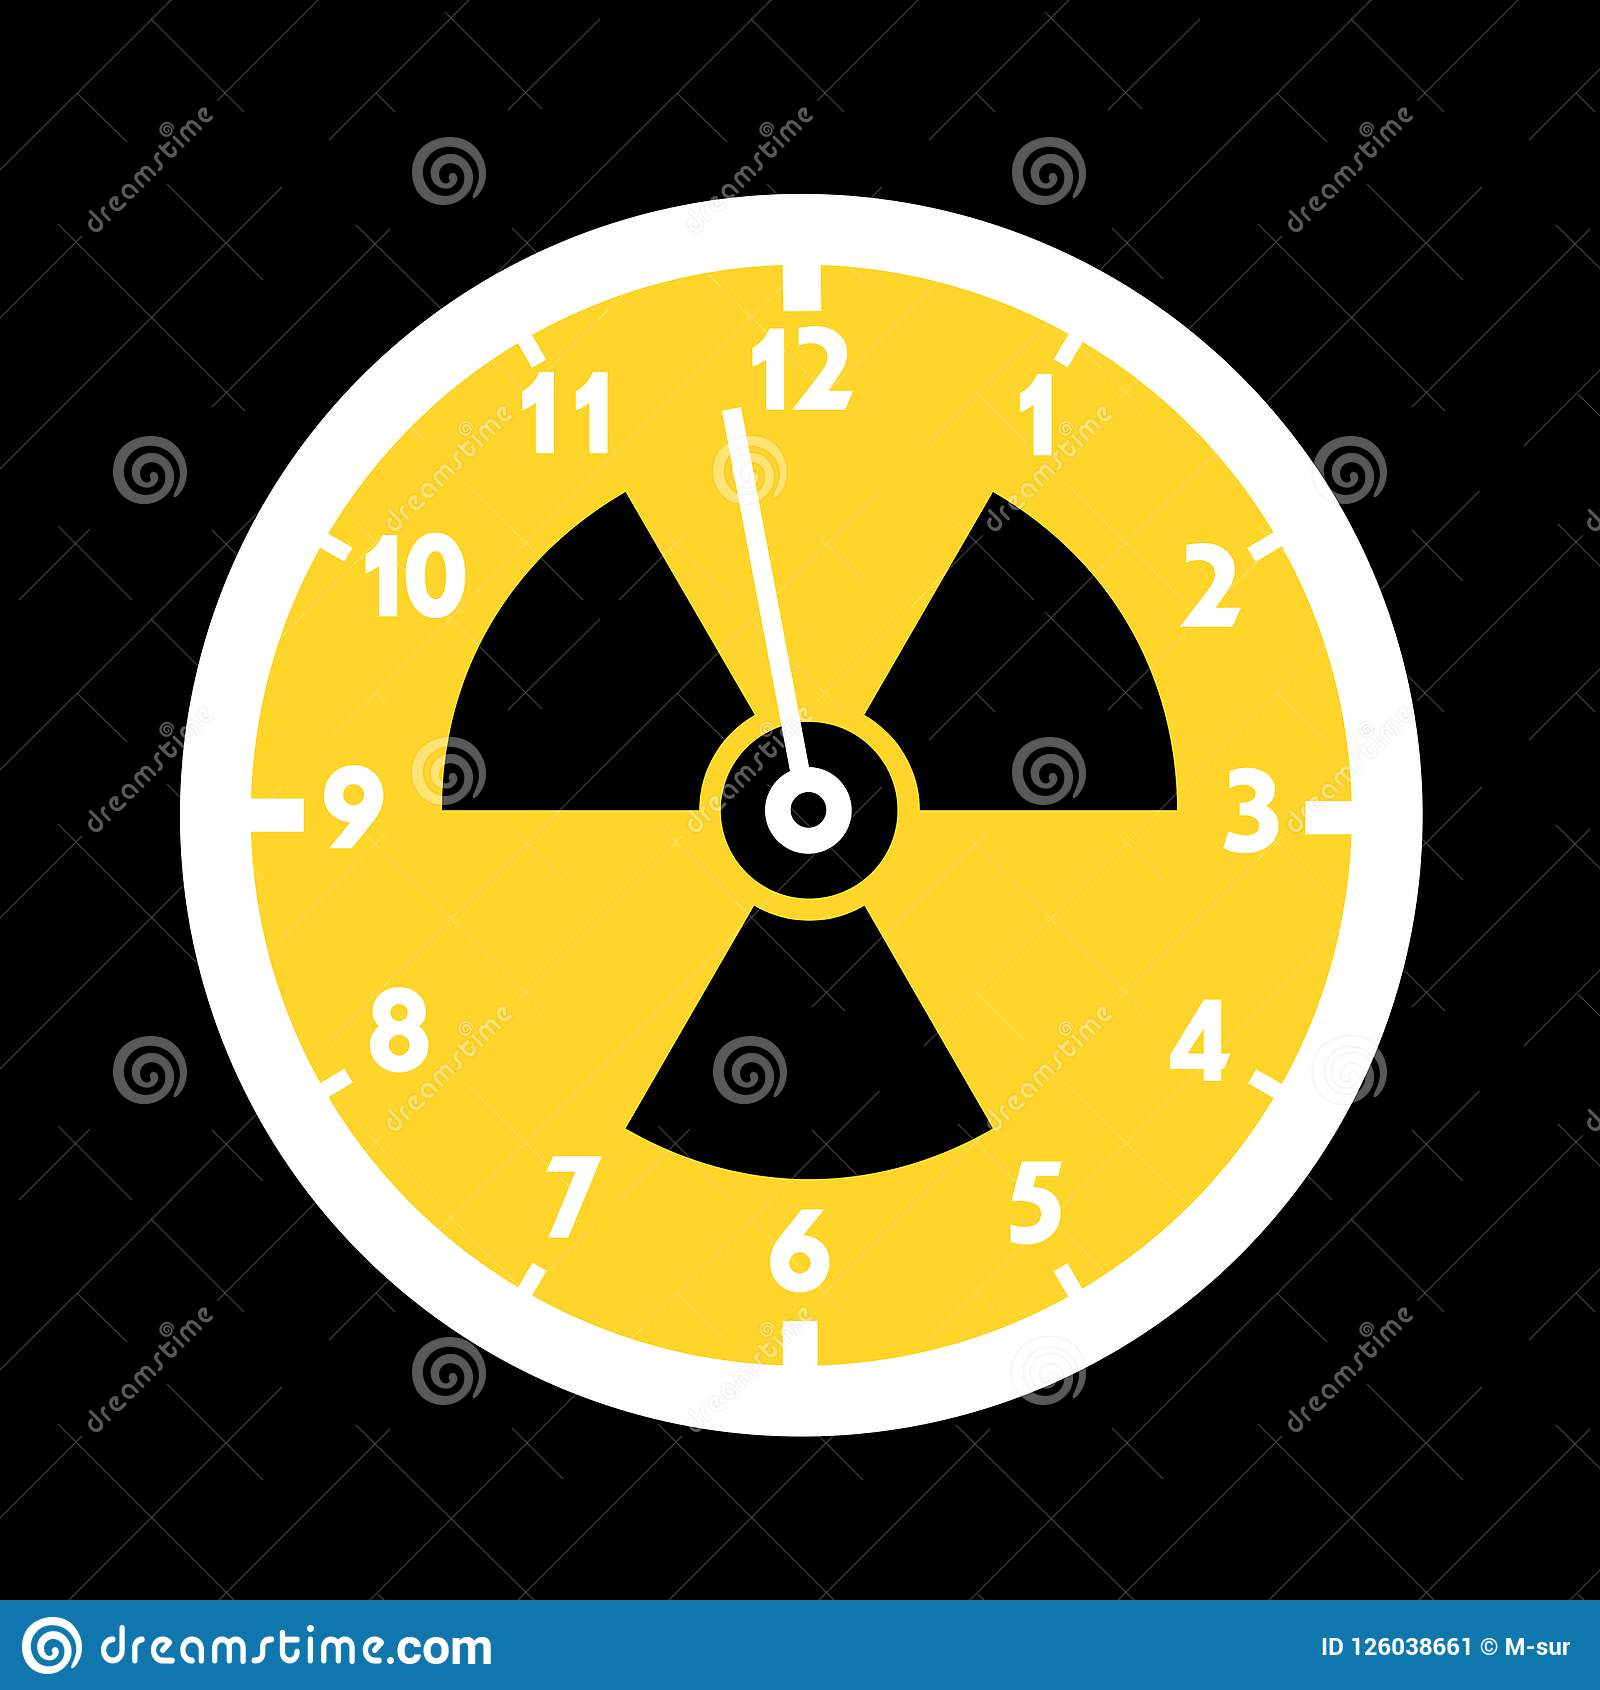 Juicio Del Con Símbolo Día Final Nuclear Reloj Radiactivity lT1FJ3Kc